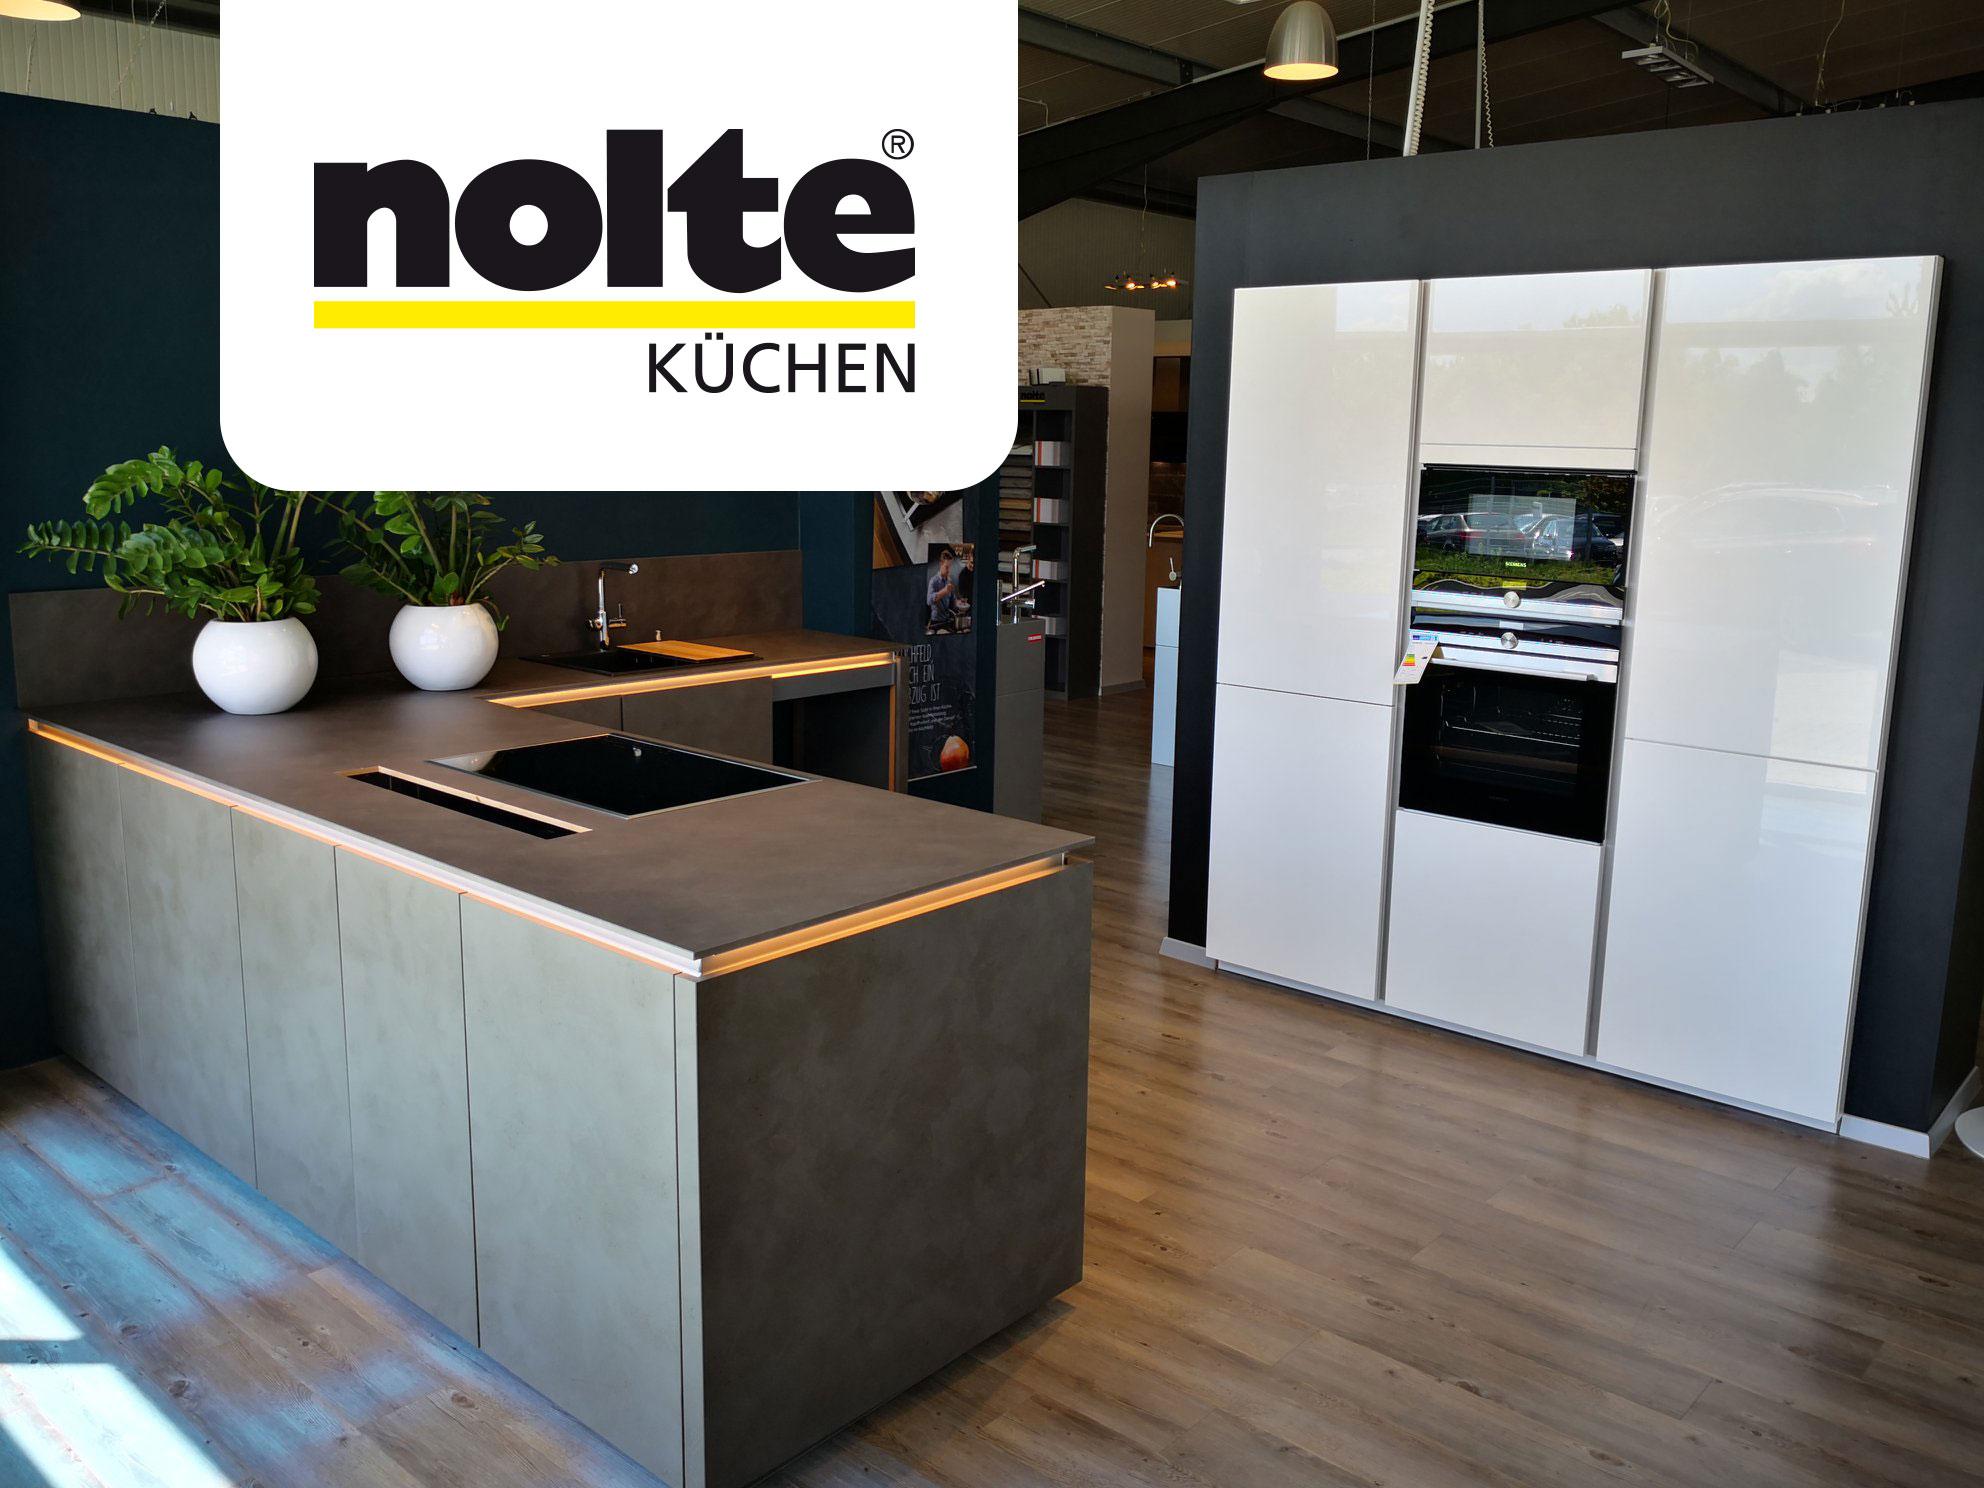 Full Size of Mülleimer Küche Nolte Küche Nolte Preis Küche Nolte Elegance Küche Nolte Glasfront Küche Küche Ohne Geräte